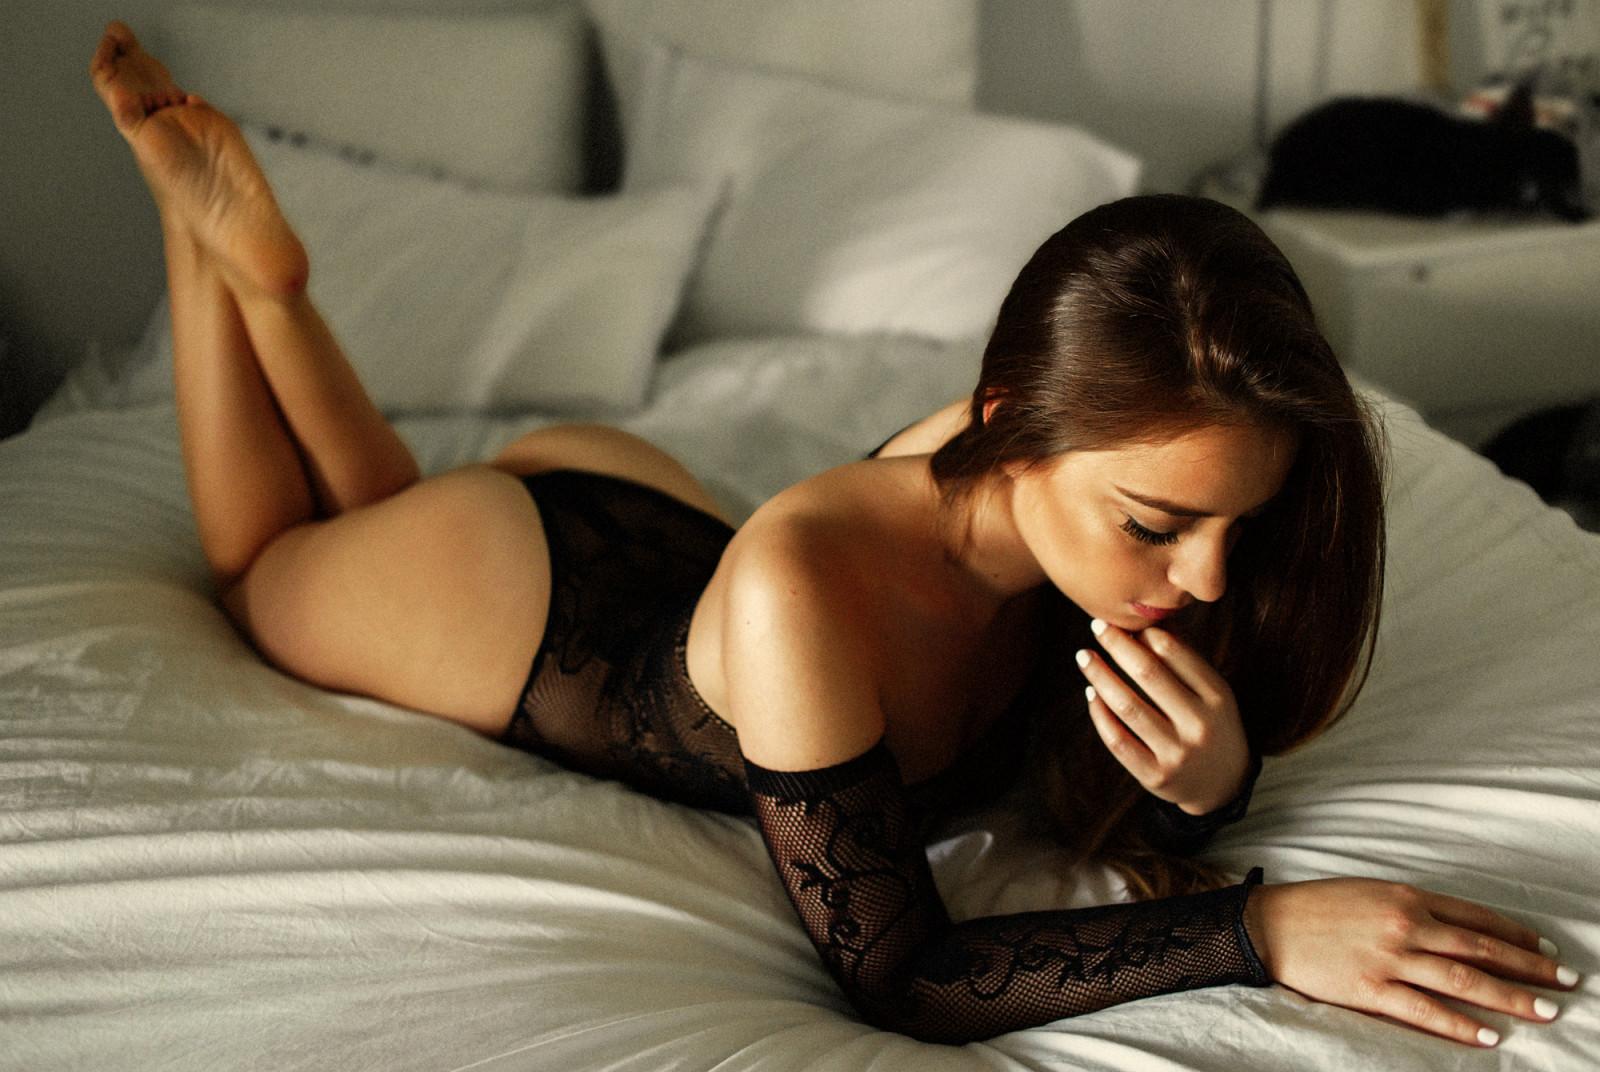 Фото девушек брюнеток в постели по домашнему, Голые жены в постели (34 фото) Частное 3 фотография